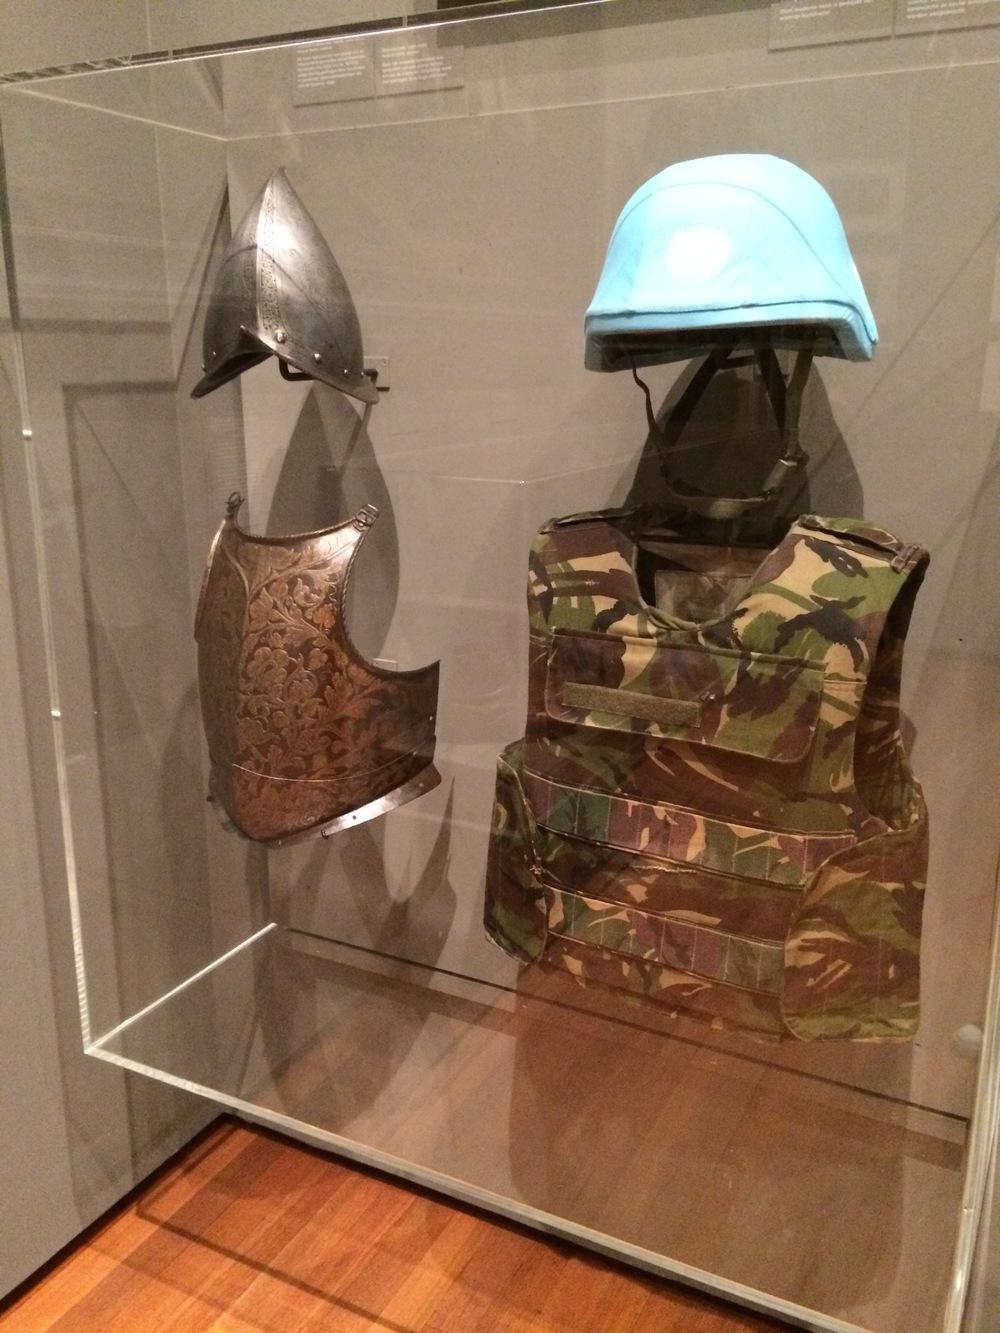 Mooie vergelijking in de zaal van Beatrice de Graaf in DWDD Pop Up Museum 2